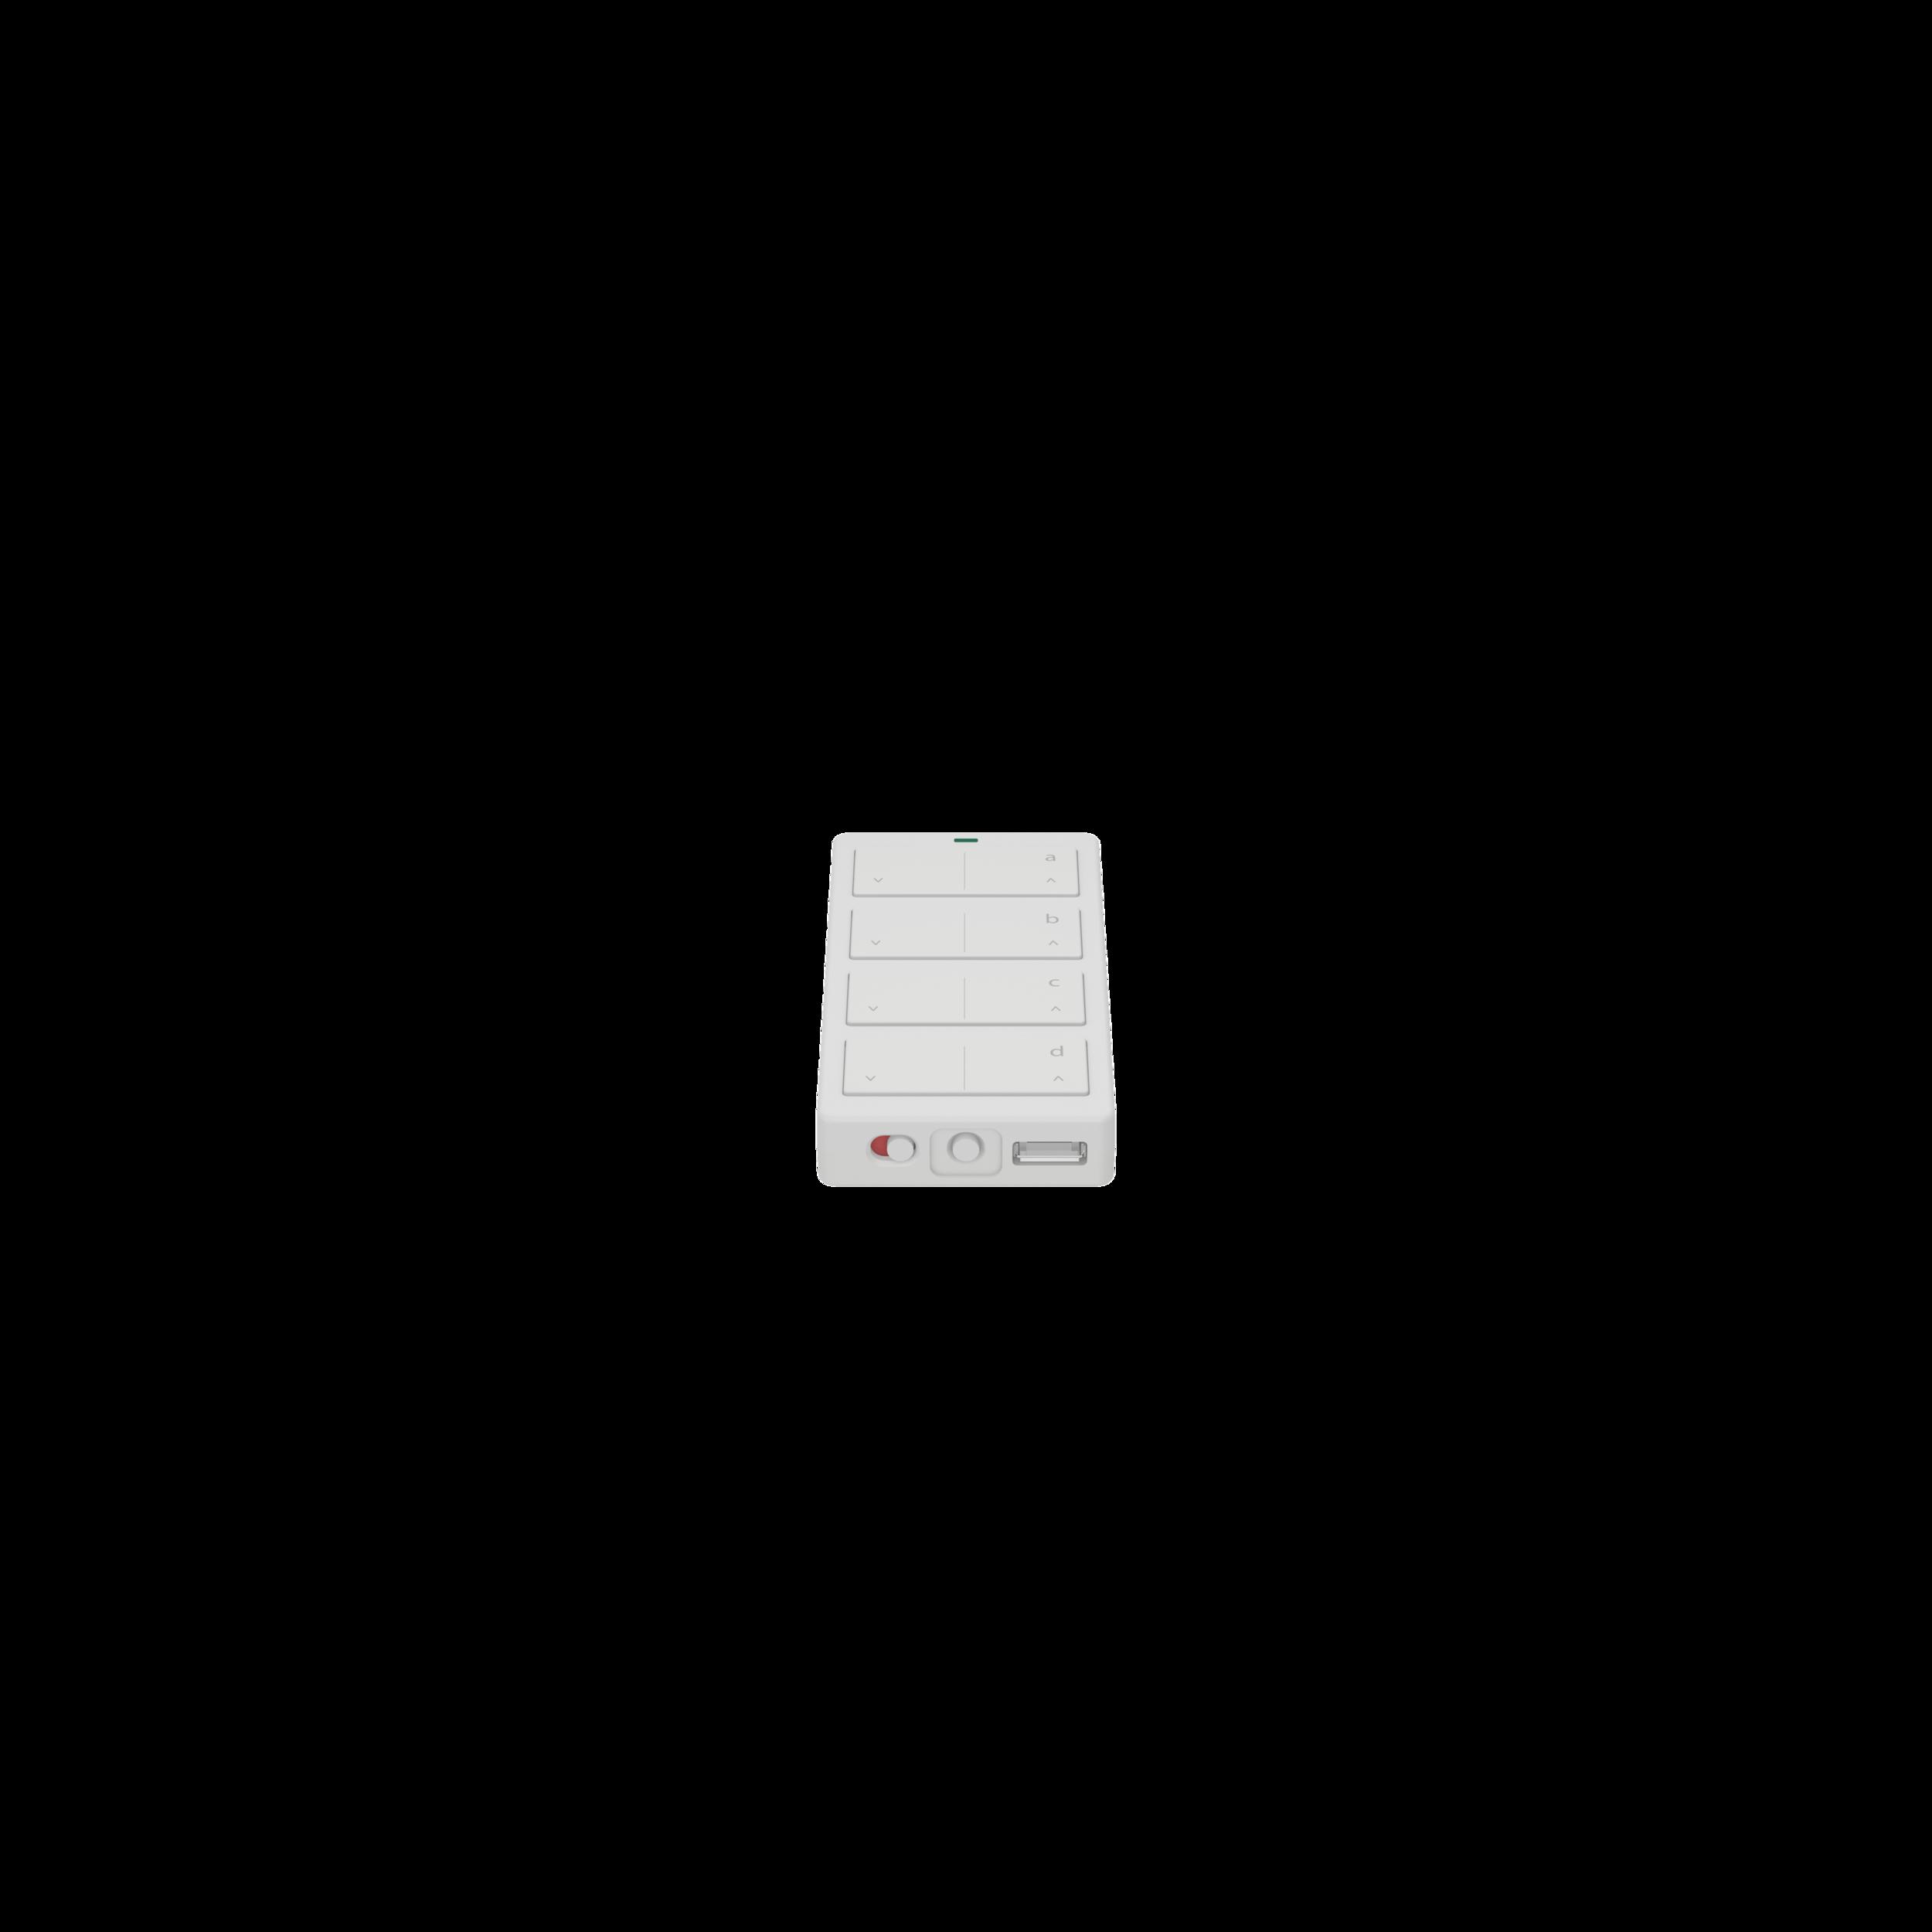 Mini Remote 05.png